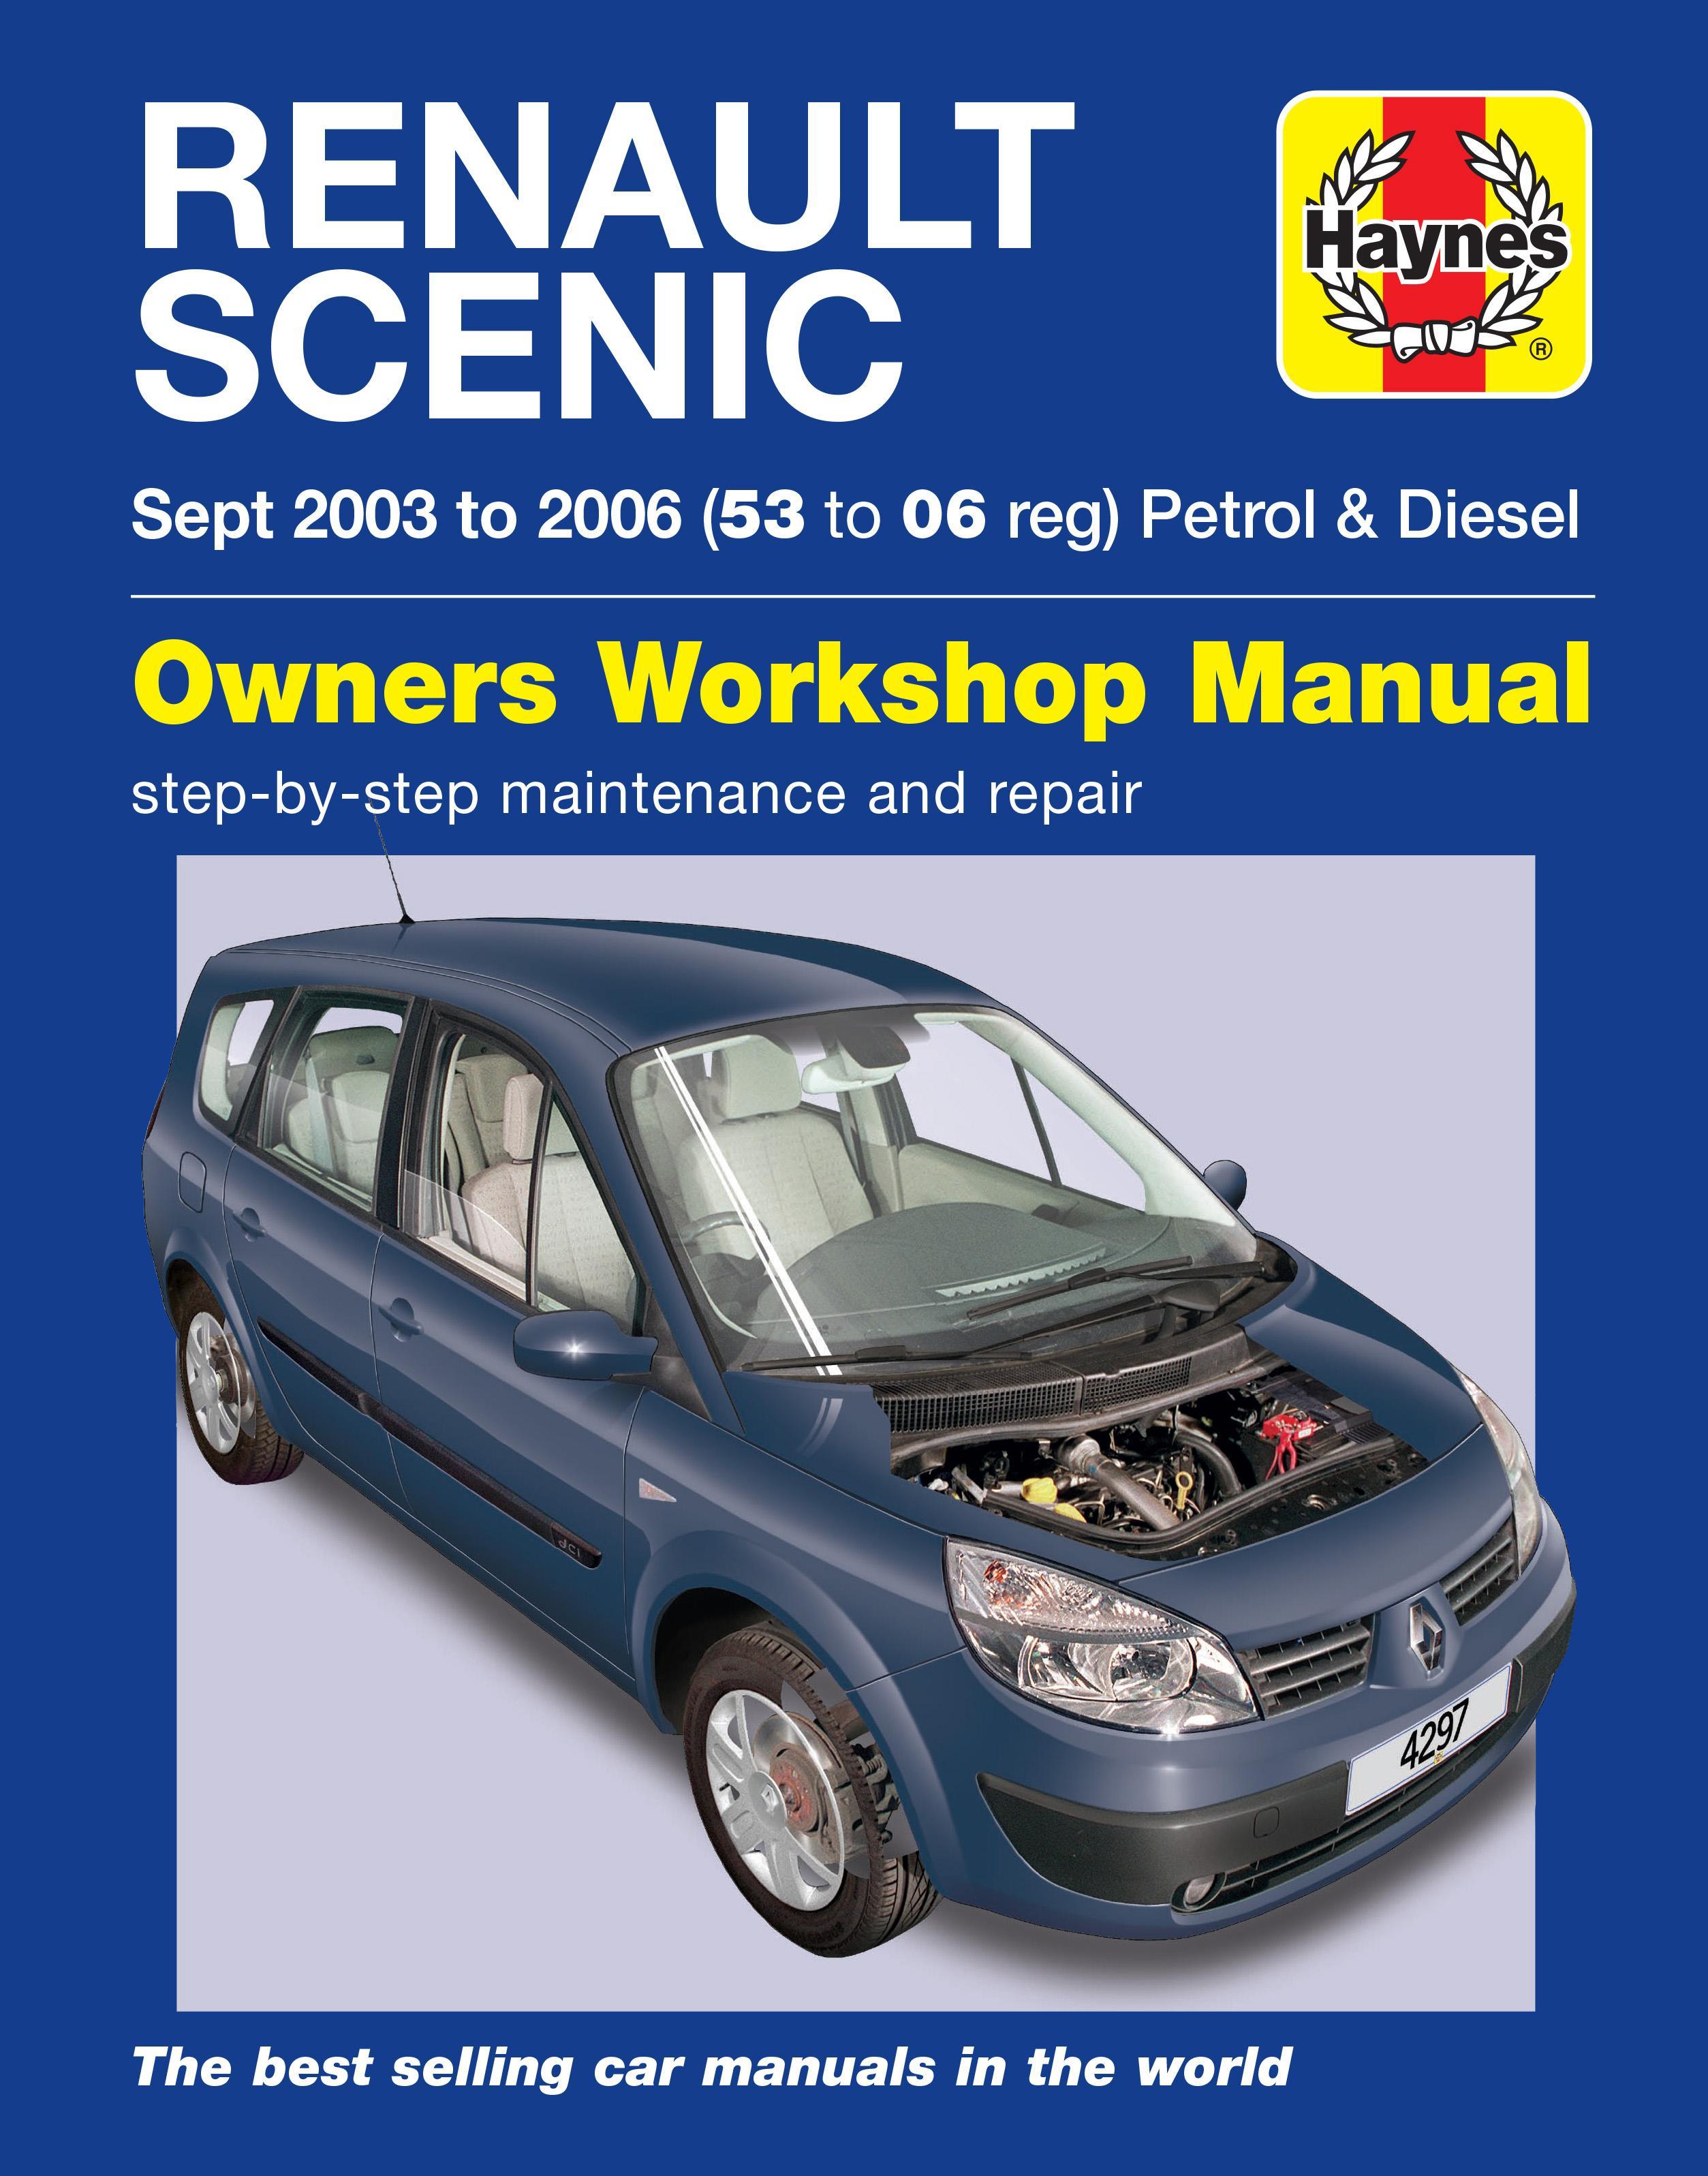 renault megane haynes manual 2004 open source user manual u2022 rh dramatic varieties com Renault Megane Scenic 2001 renault megane scenic 2002 service repair manual download